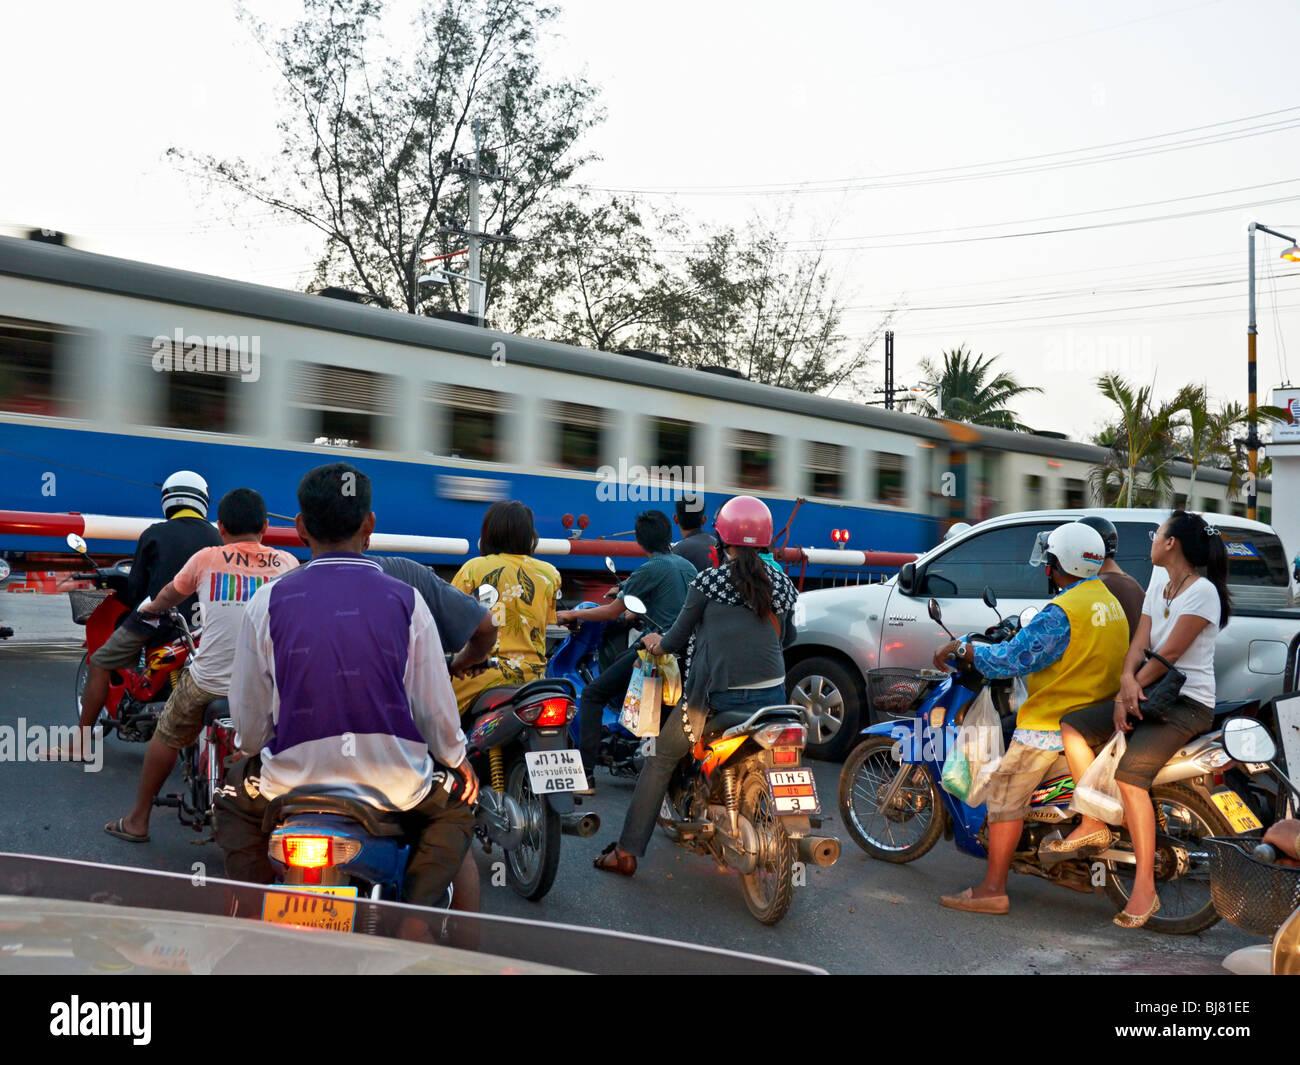 Zug auf Kreuzung mit Menschen als einem rasenden Zug warten geht. Hua Hin Thailand S. E. Asien Stockbild